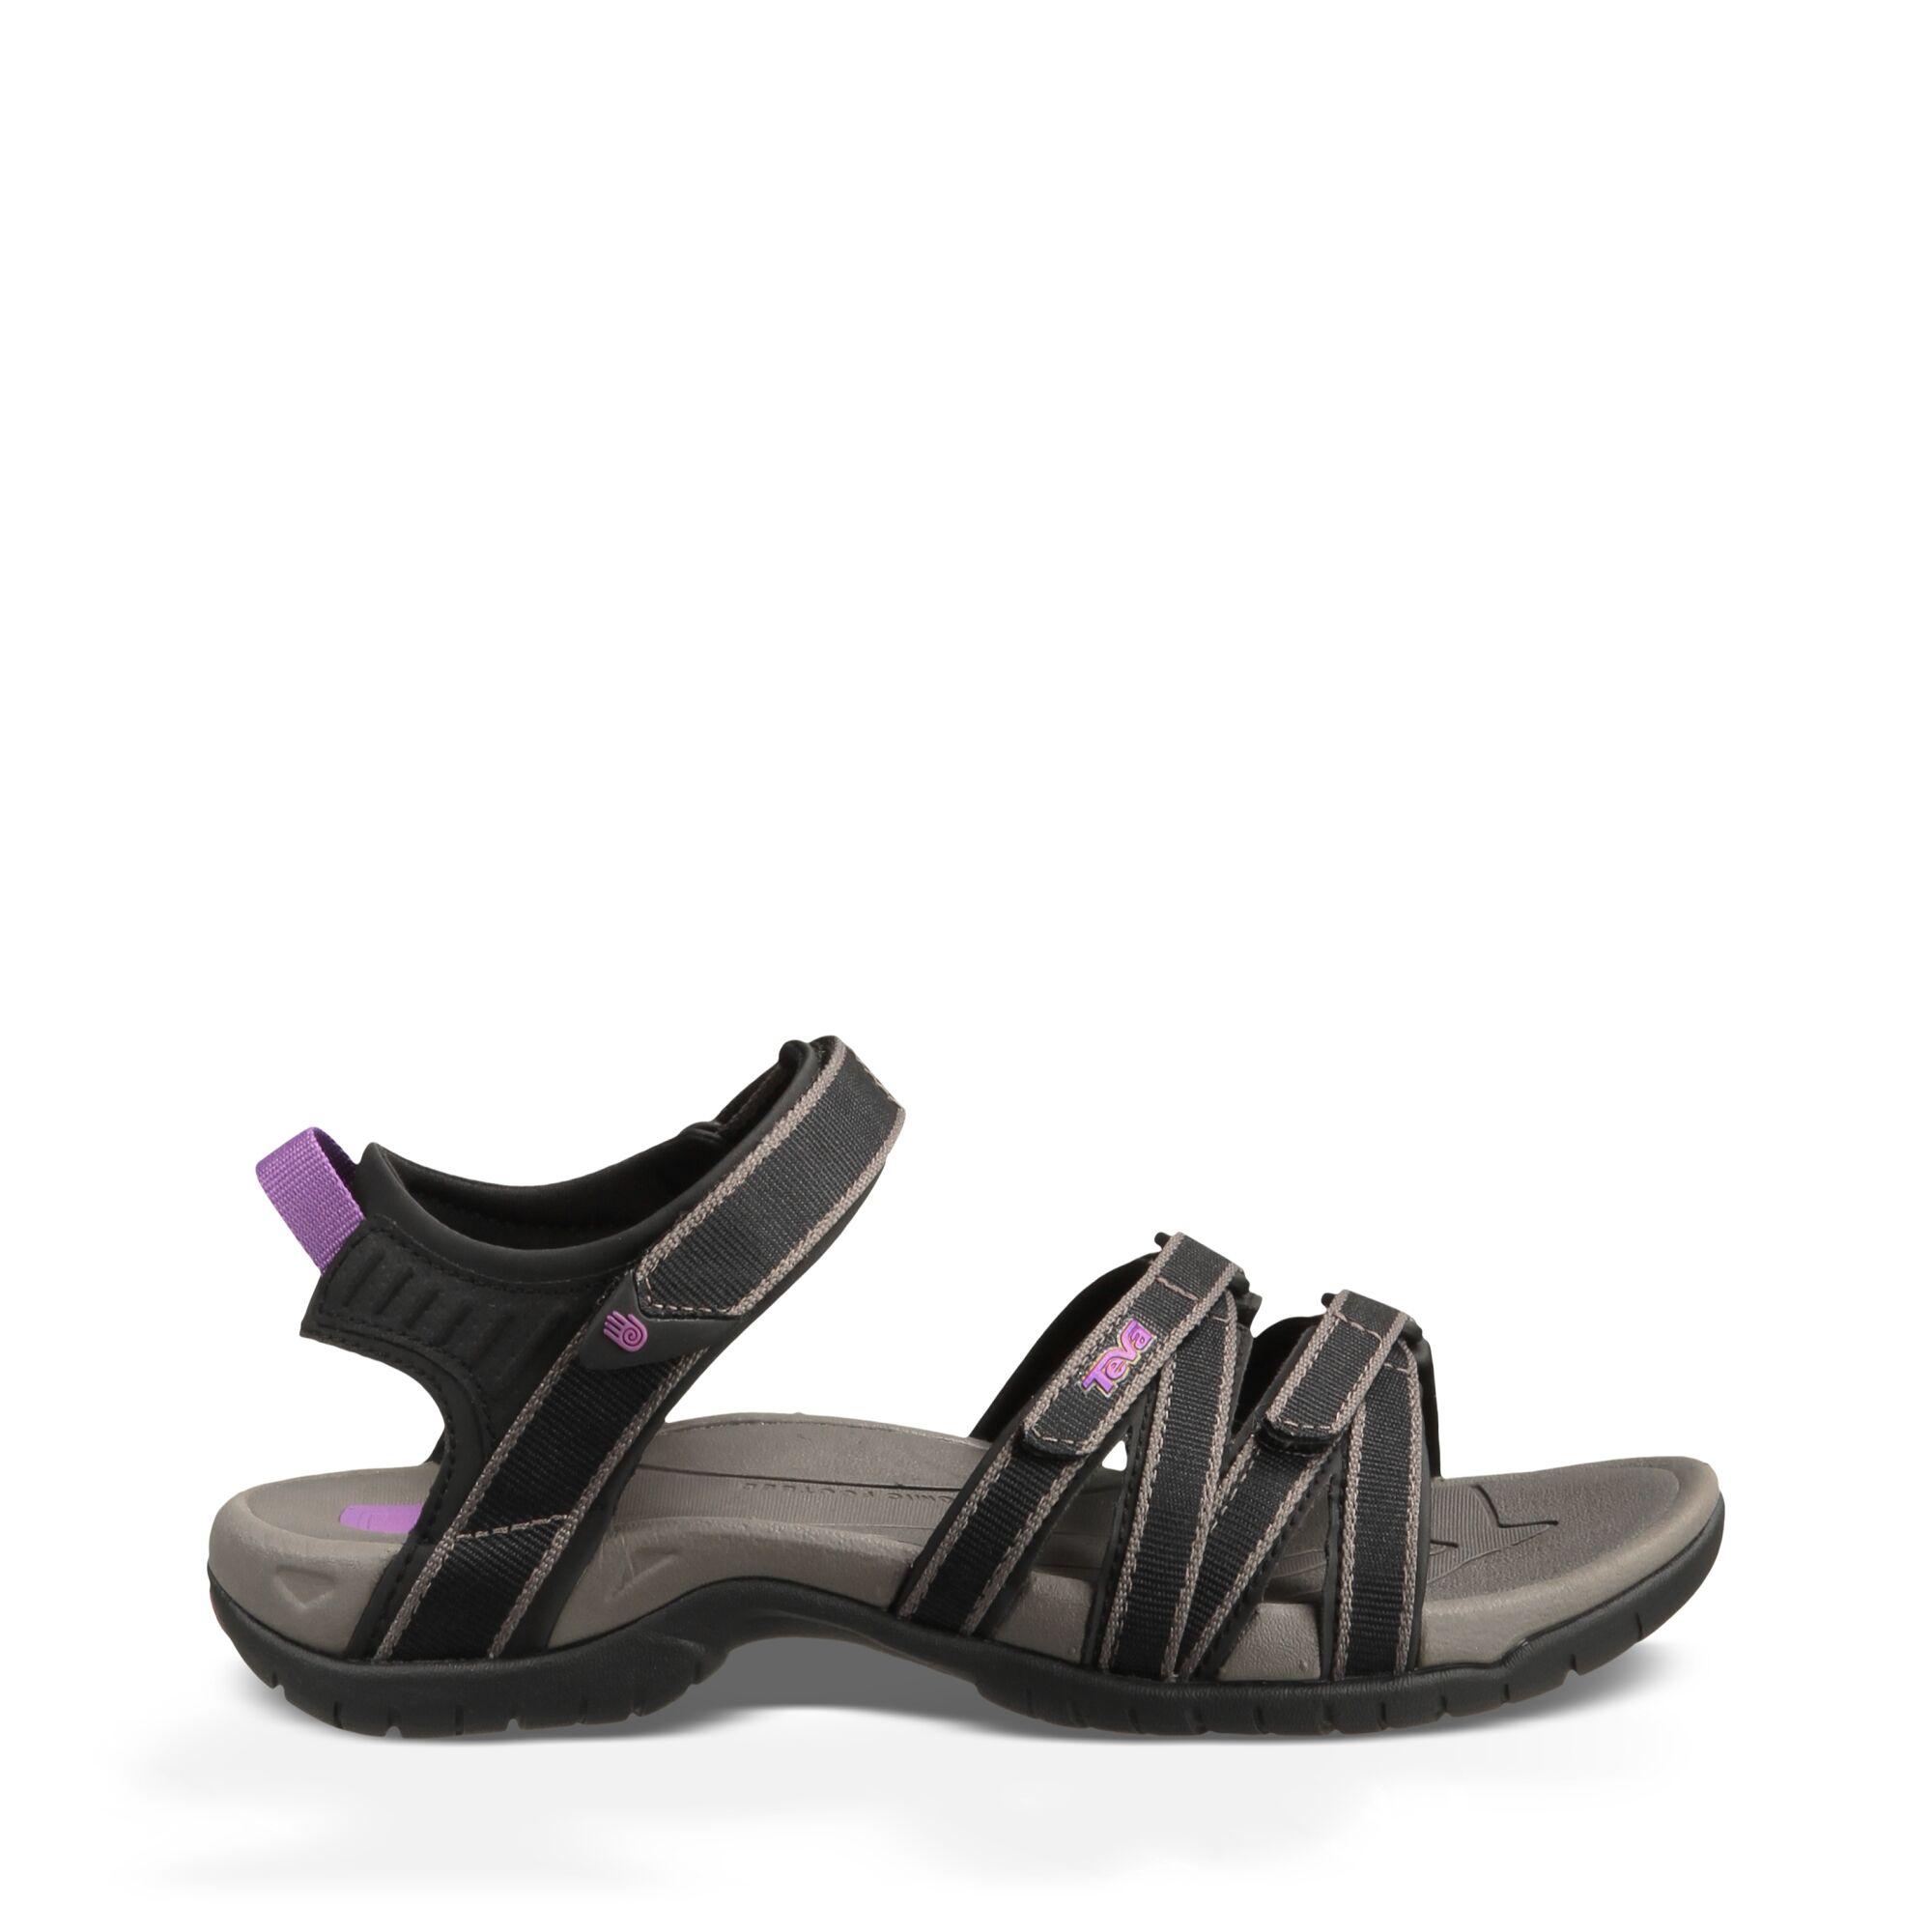 Teva W Tirra - Sandal til dame - Black Grey | Shoes and overlays